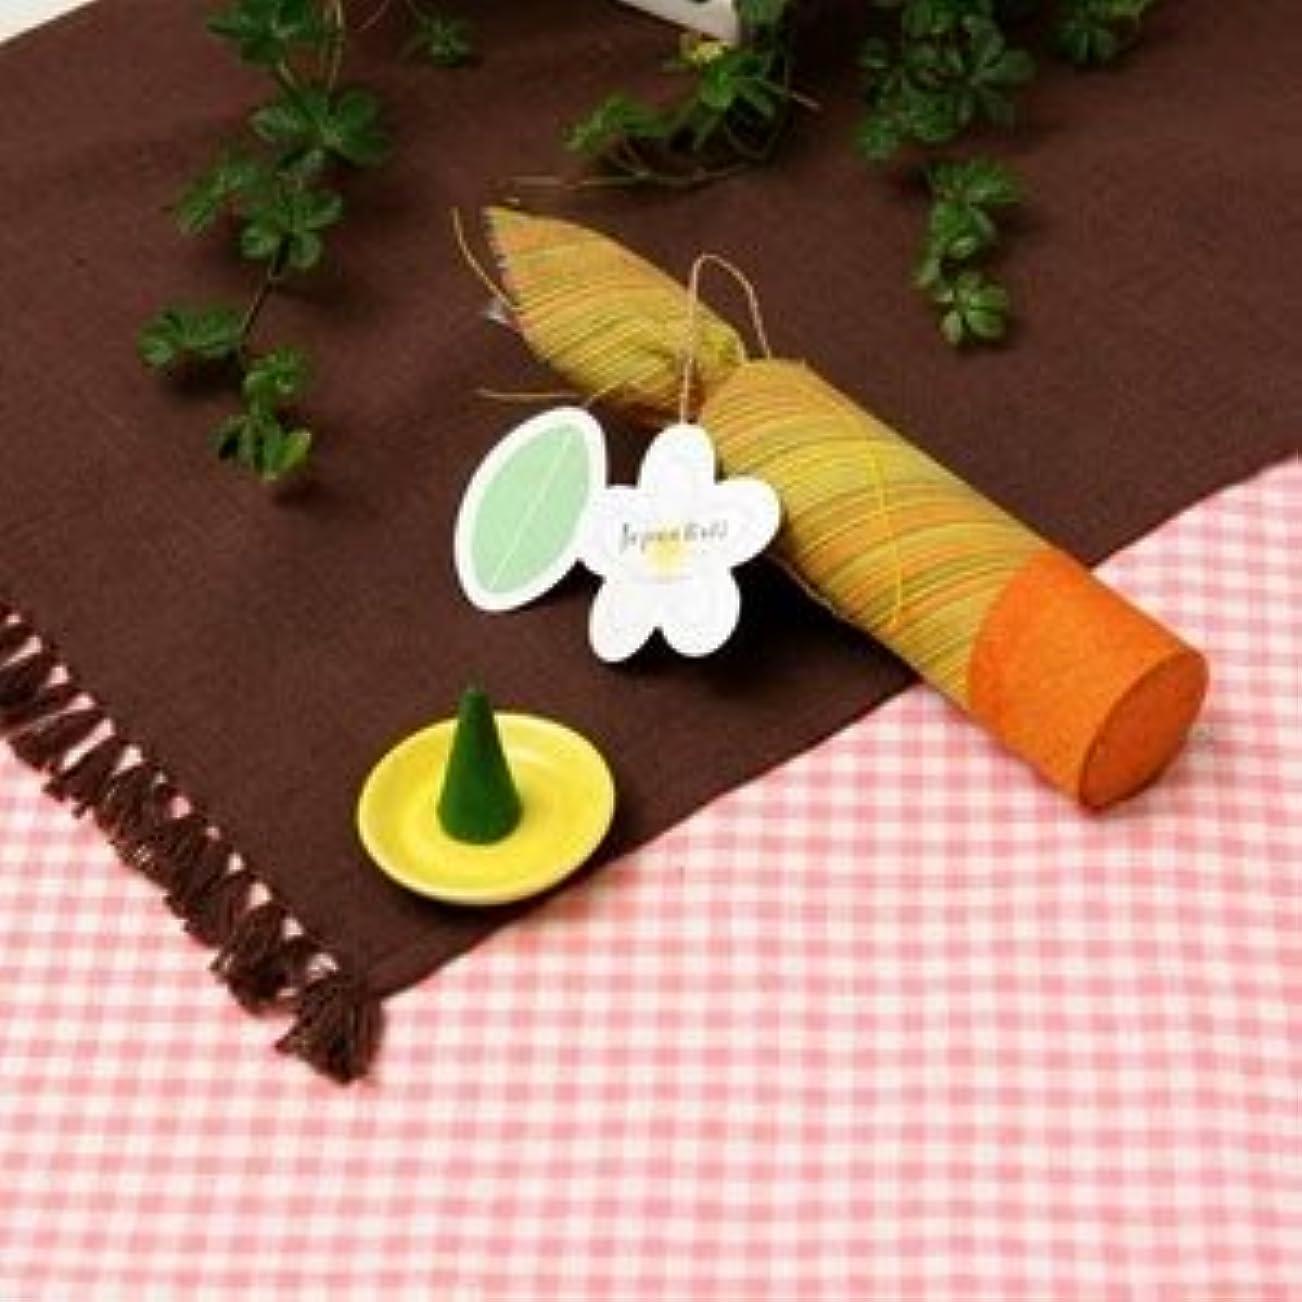 マント九月スポーツをするJupen Bari(ジュプン バリ) フランジパニ(バリの儀式に無くてはならない信仰の花)